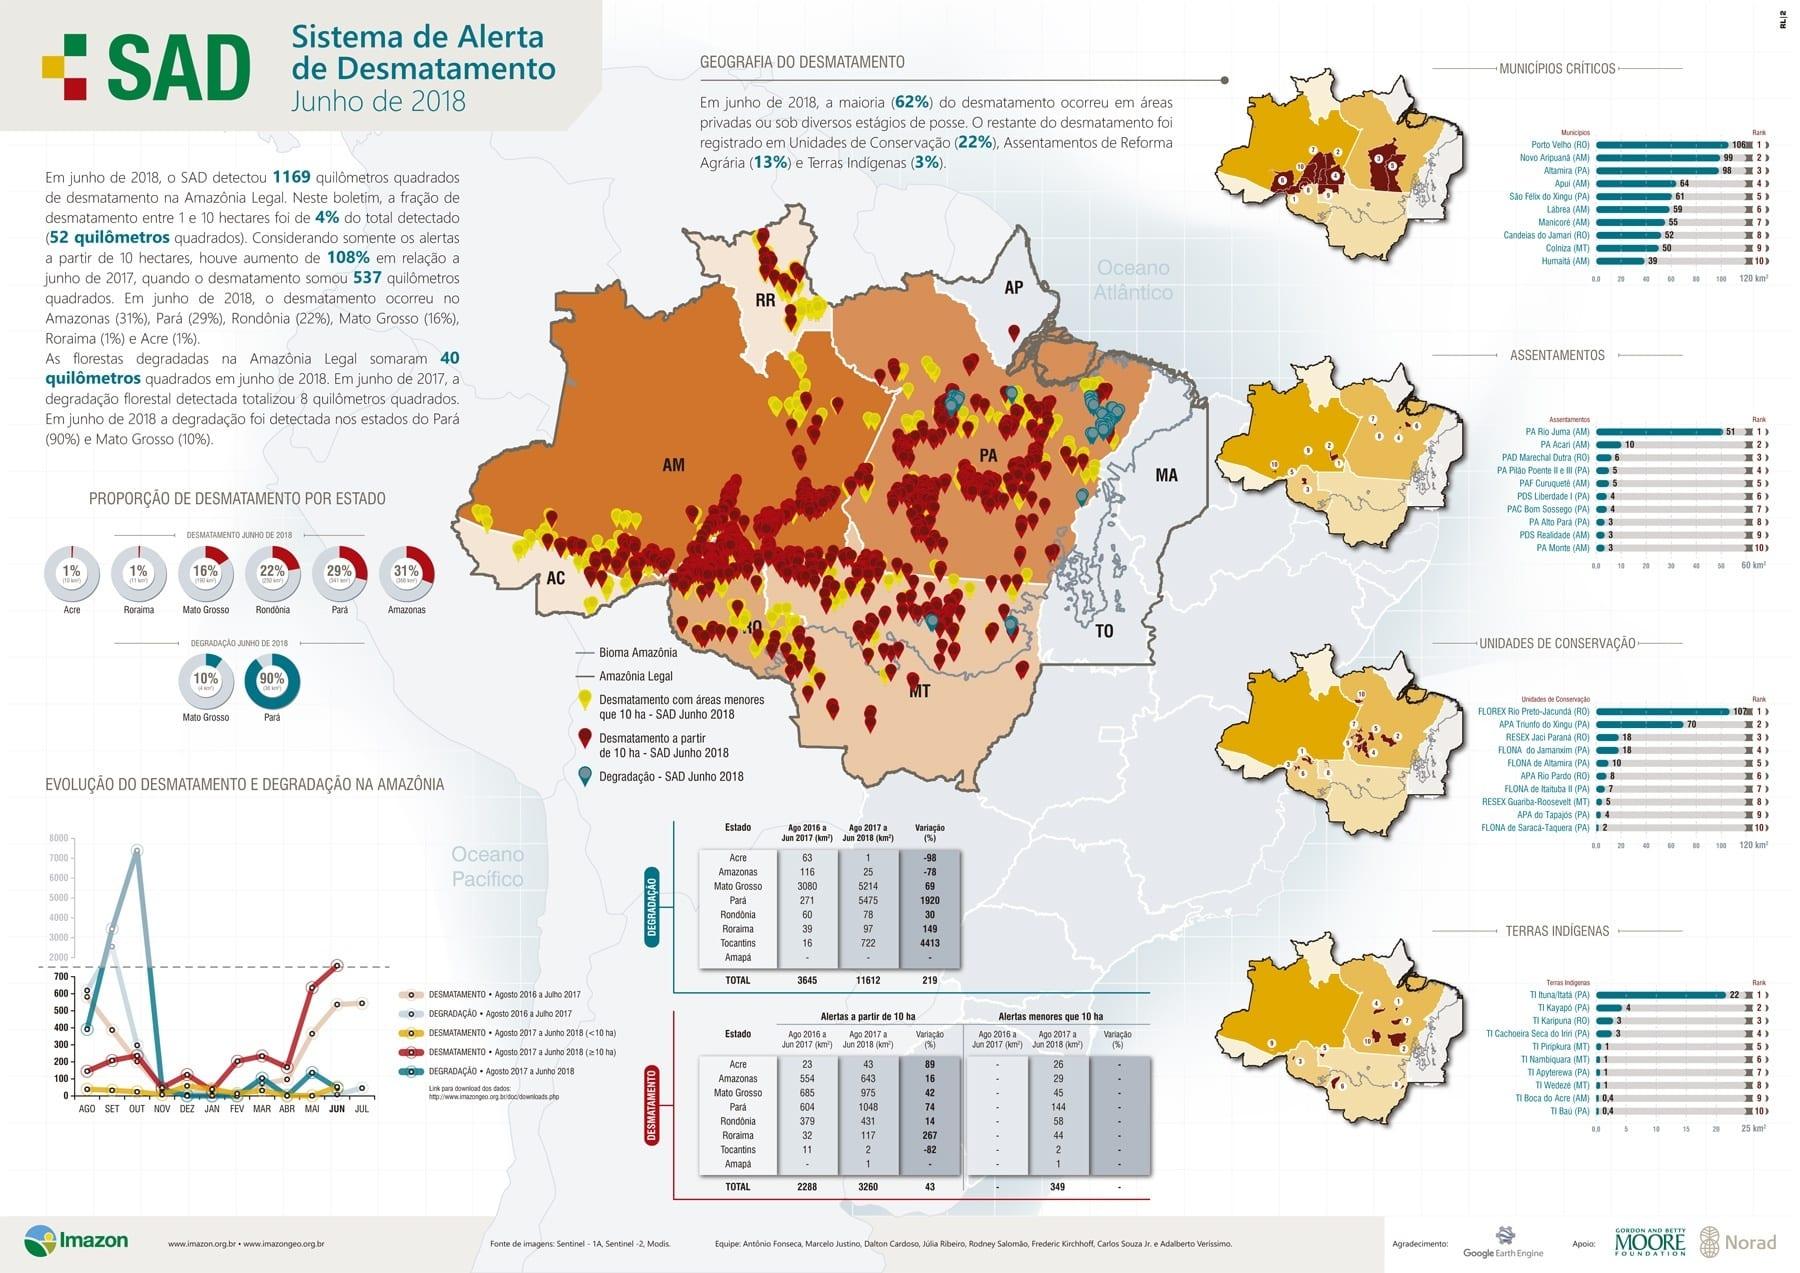 SAD junho 2018 - Boletim do desmatamento da Amazônia Legal (junho 2018) SAD